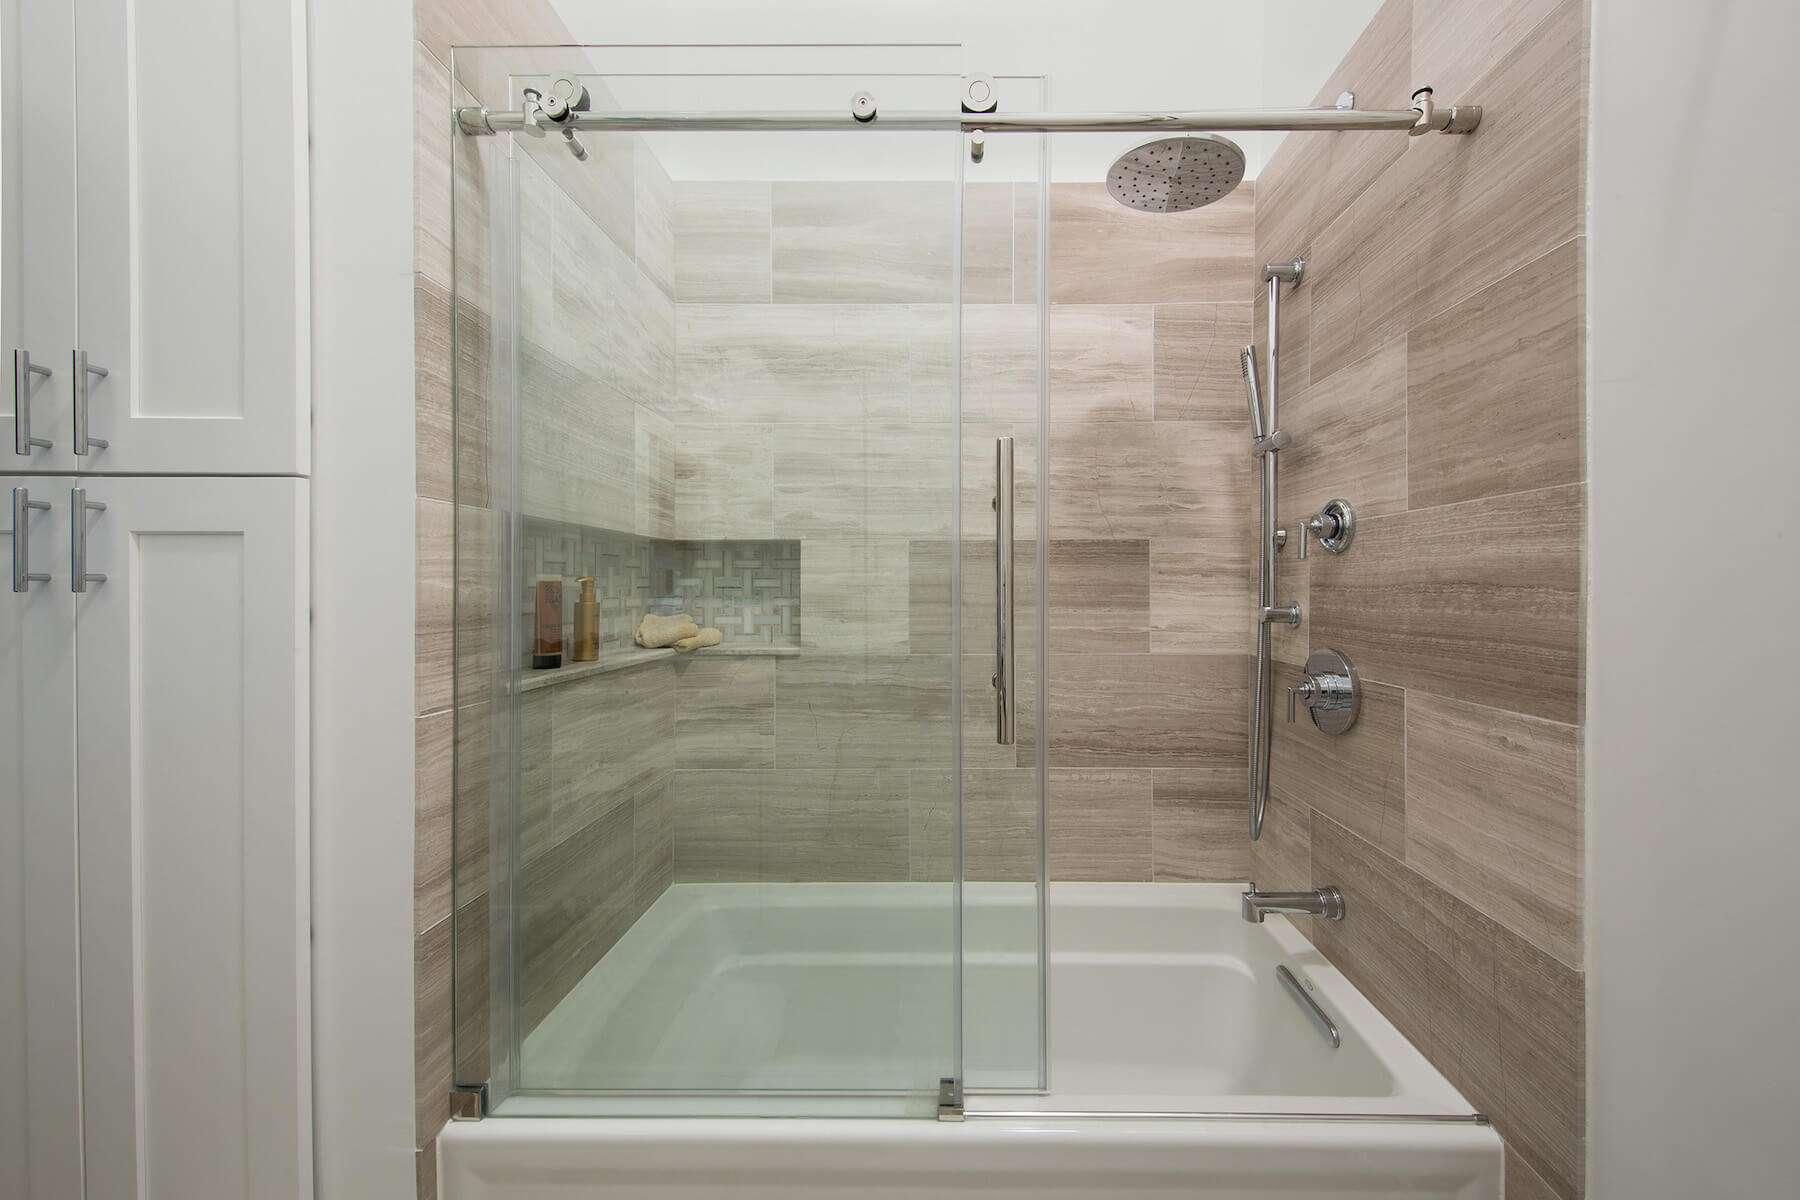 bathroom_10-19-17_859